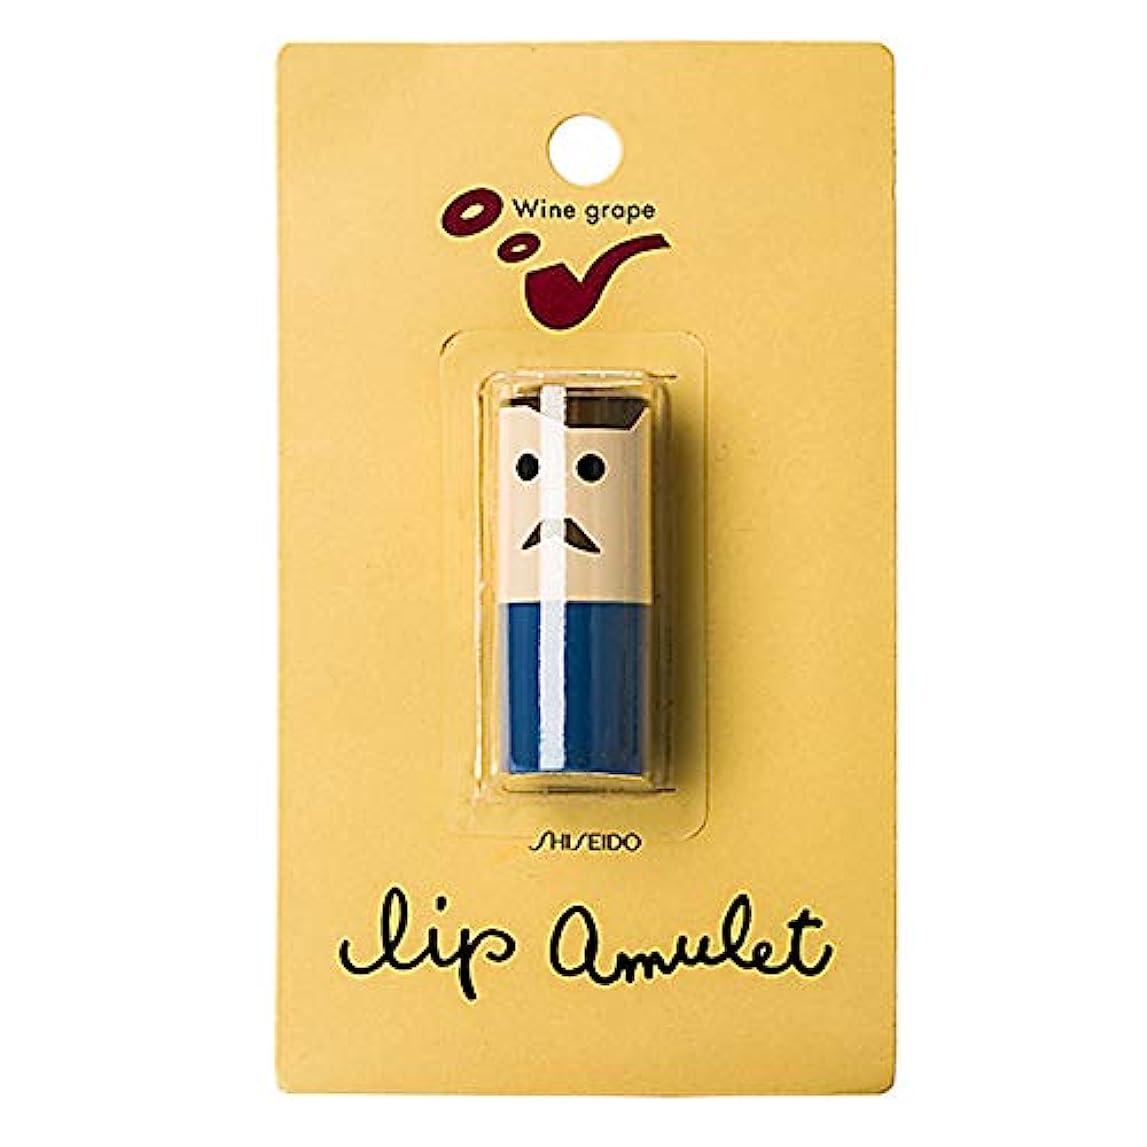 咽頭ビール友情【台湾限定】資生堂 Shiseido リップアミュレット Lip Amulet お土産 コスメ 色つきリップ 単品 葡萄酒紅 (ワイングレープ) [並行輸入品]